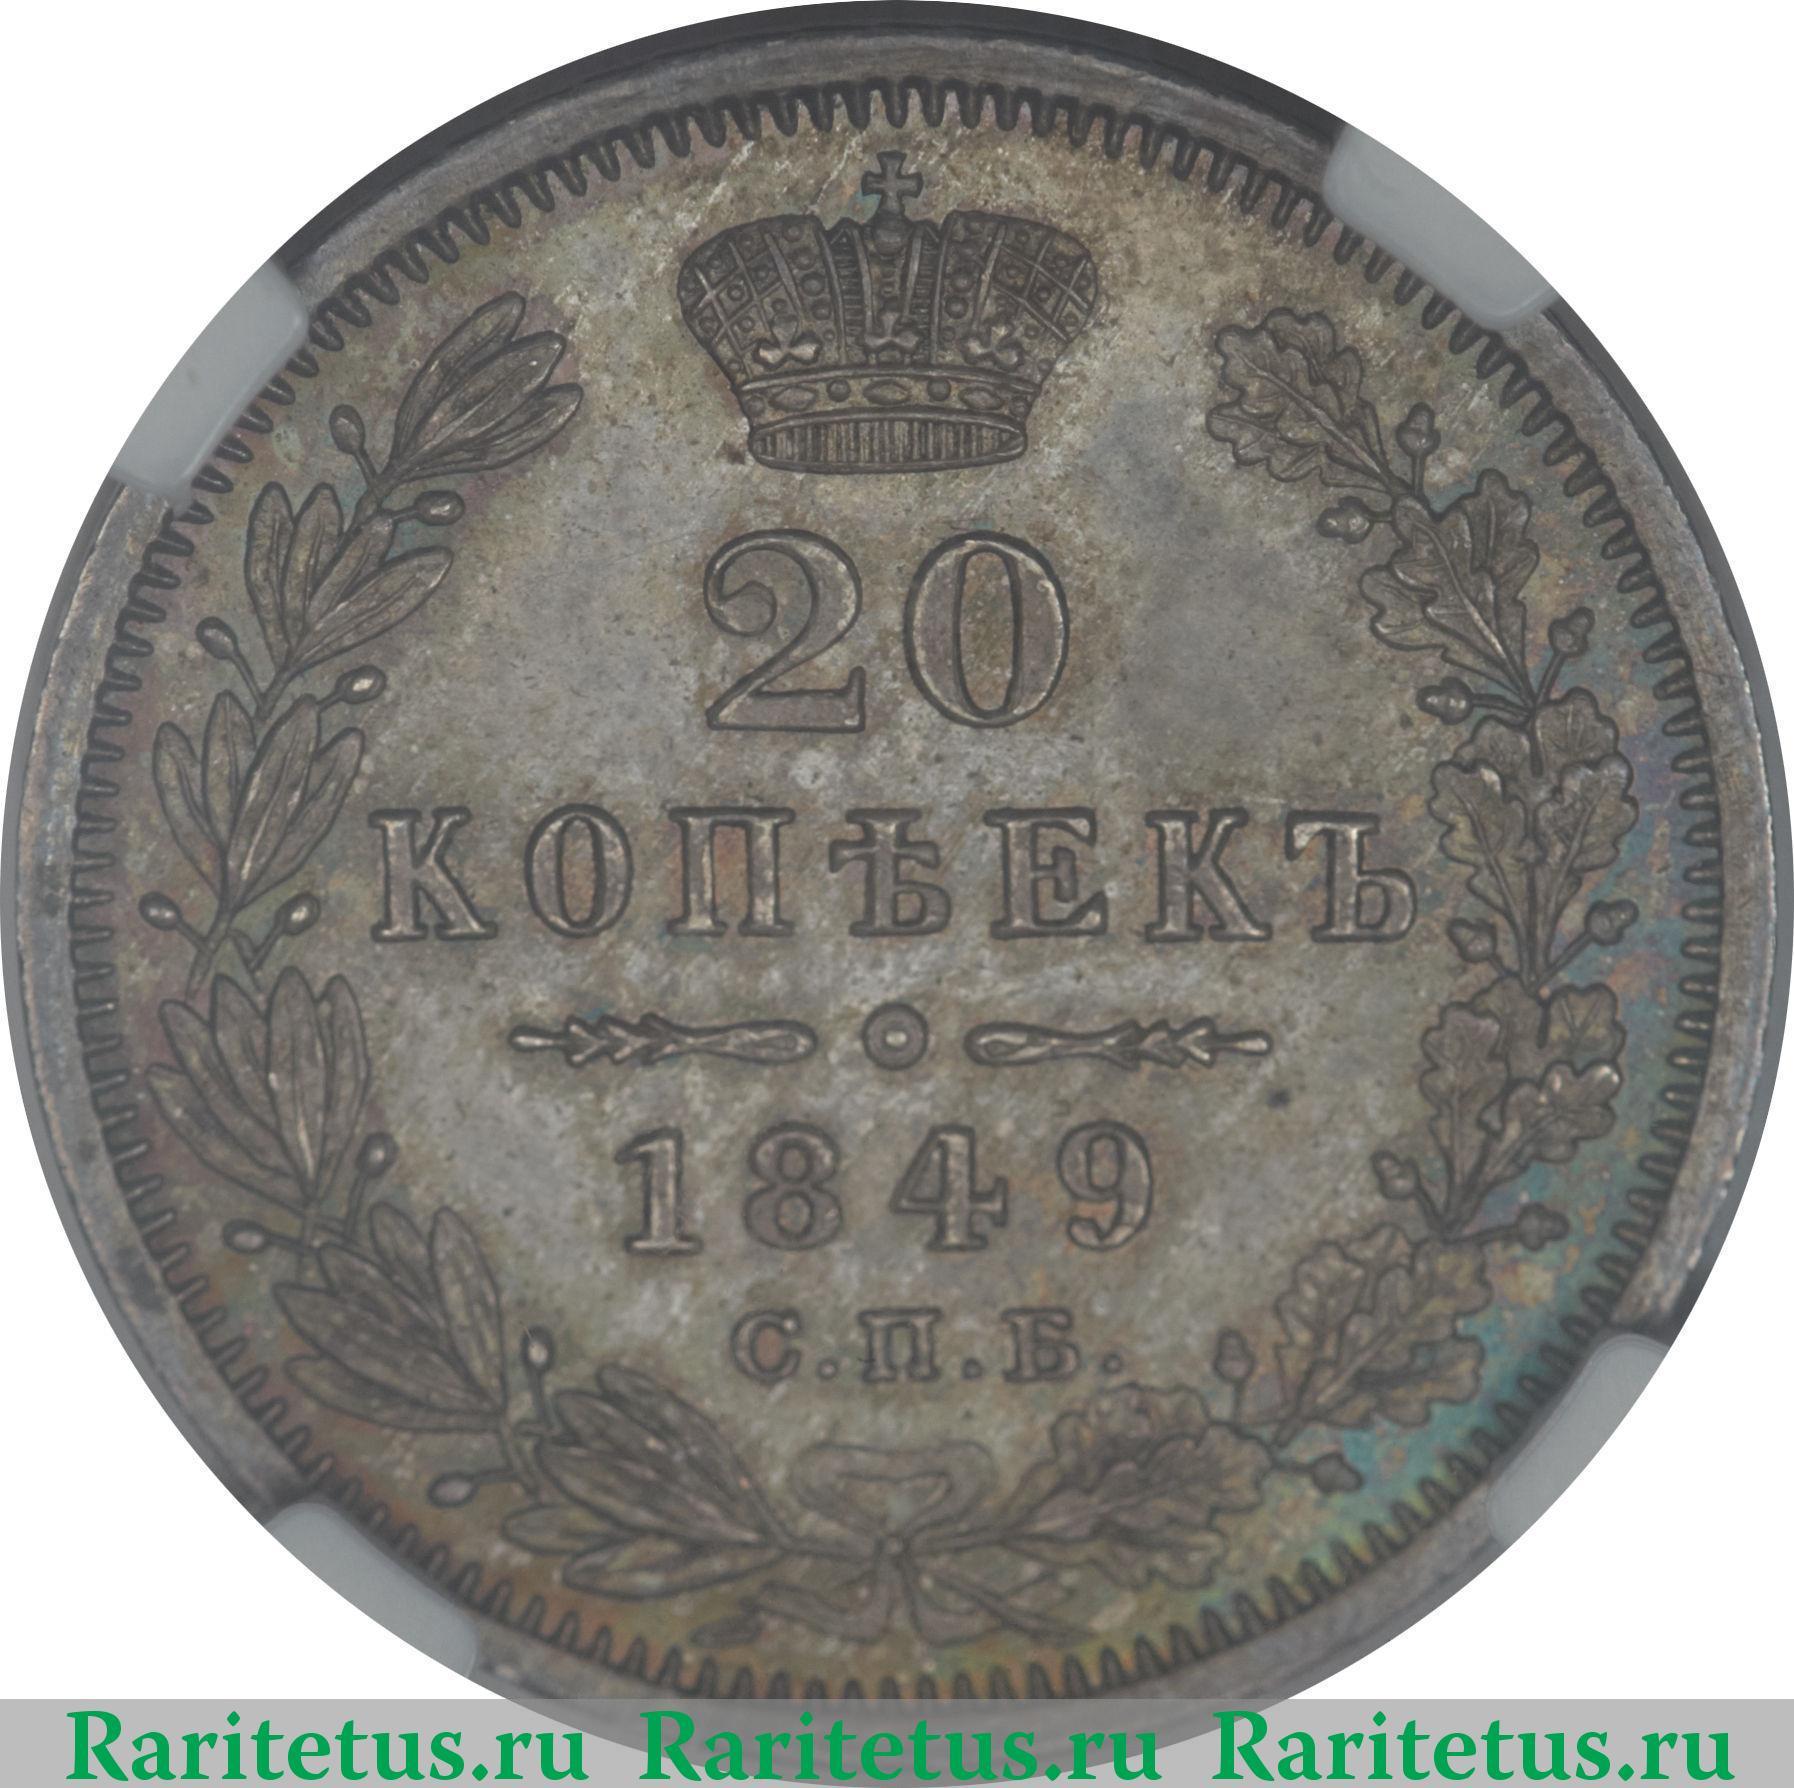 Монеты 1849 года стоимость электронный каталог монет скачать бесплатно